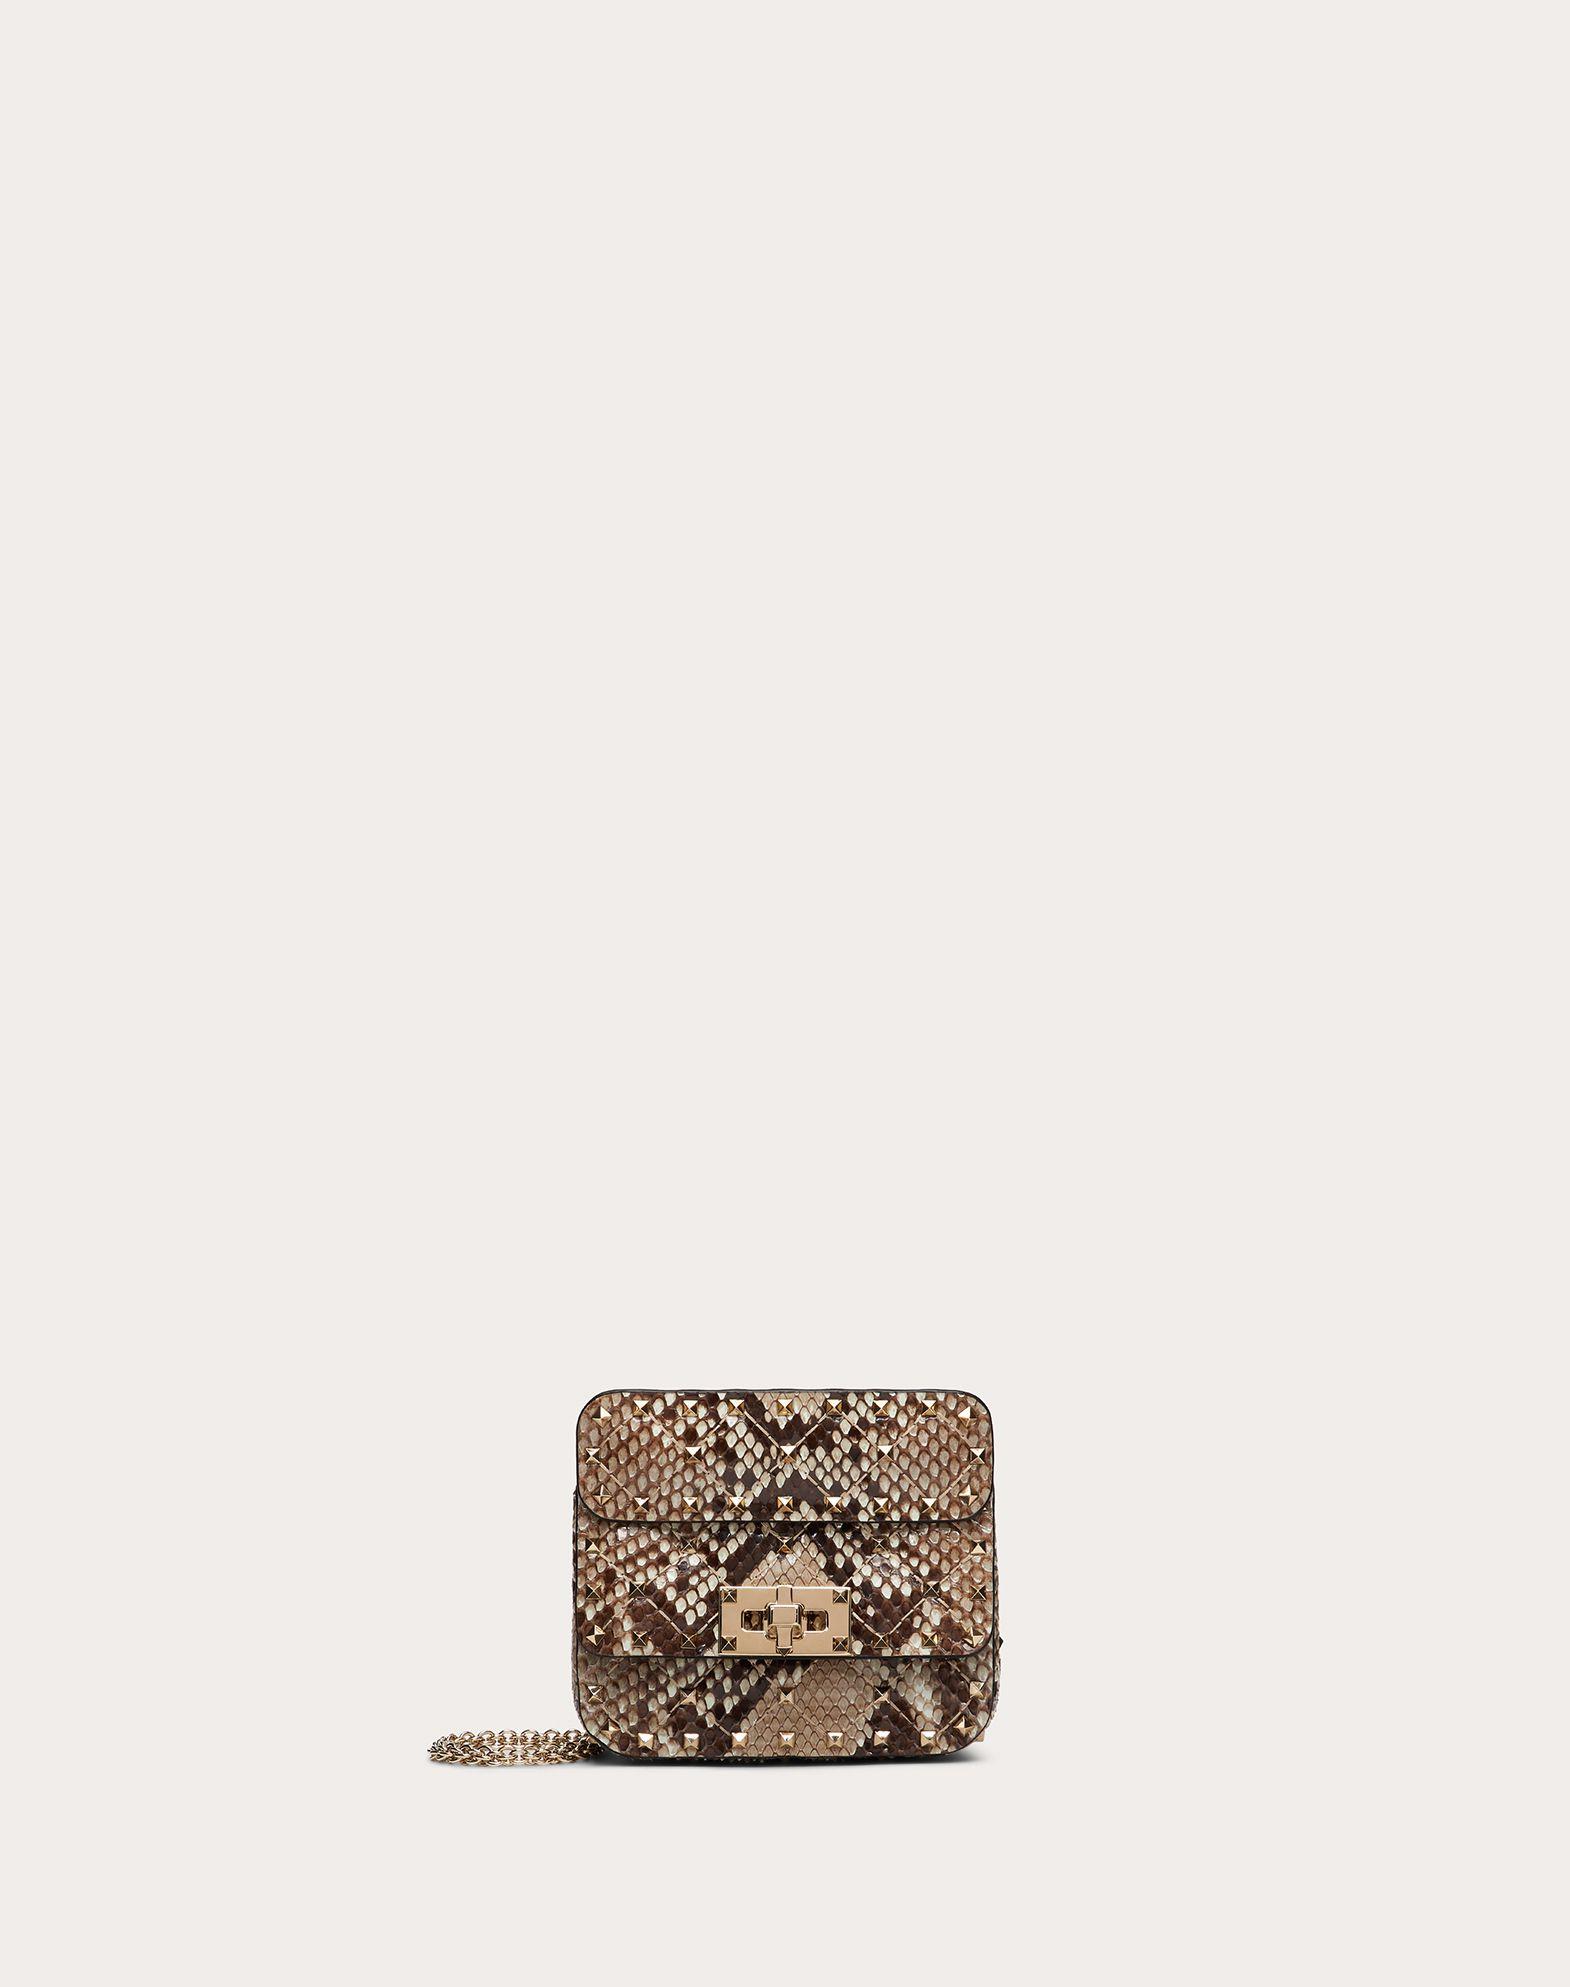 Micro Rockstud Spike Python Skin Bag